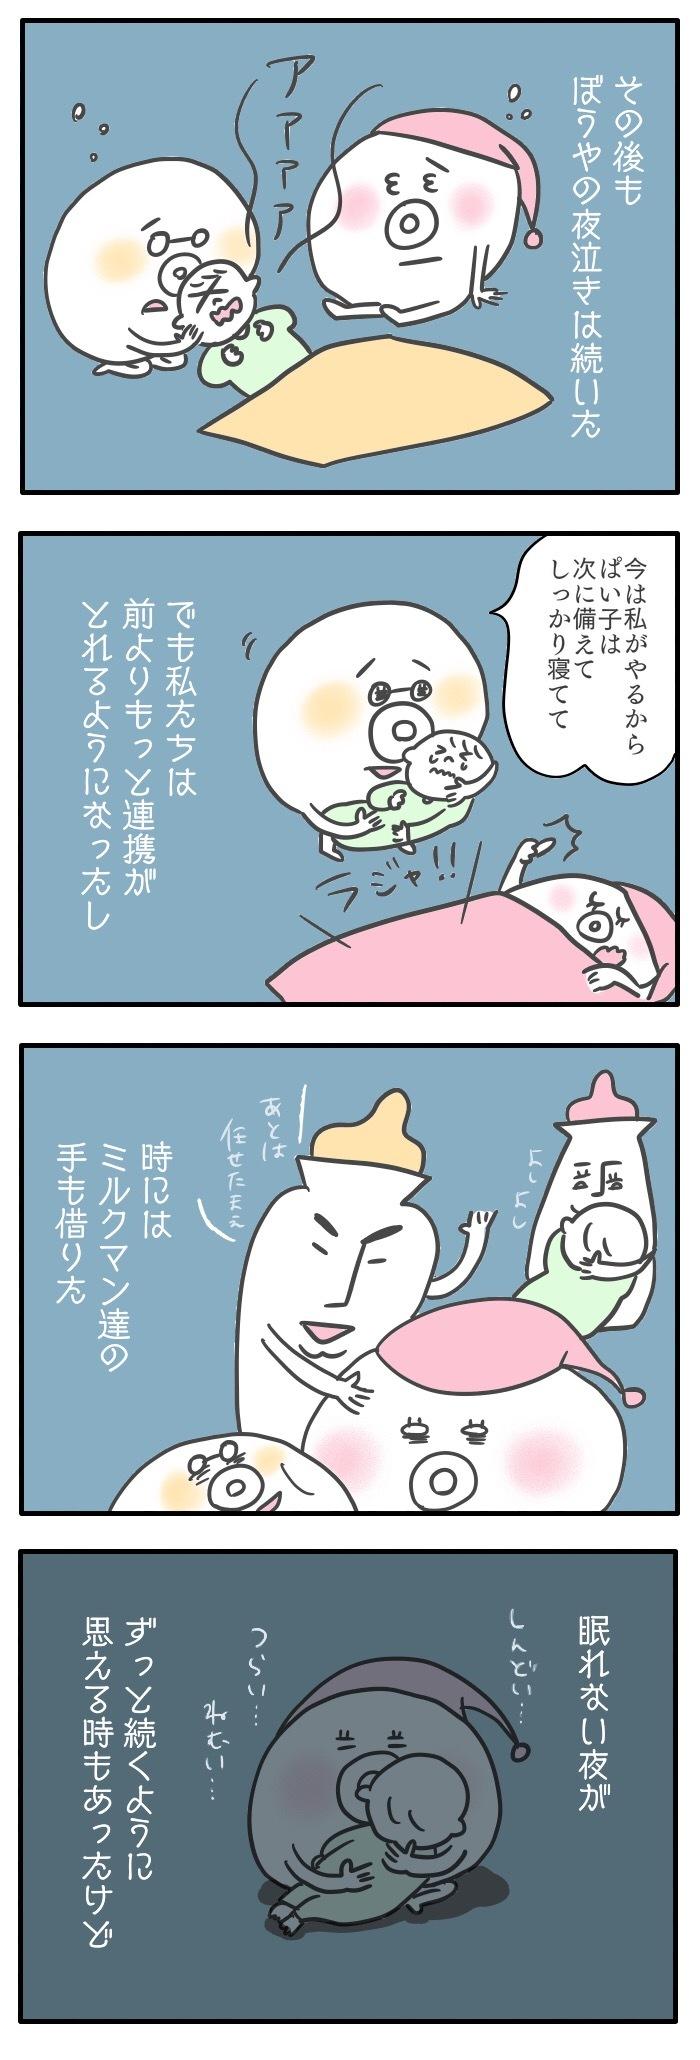 ぼうやが「りにゅうしょく」を食べた日/おっぱいとぼく2【11話】の画像1